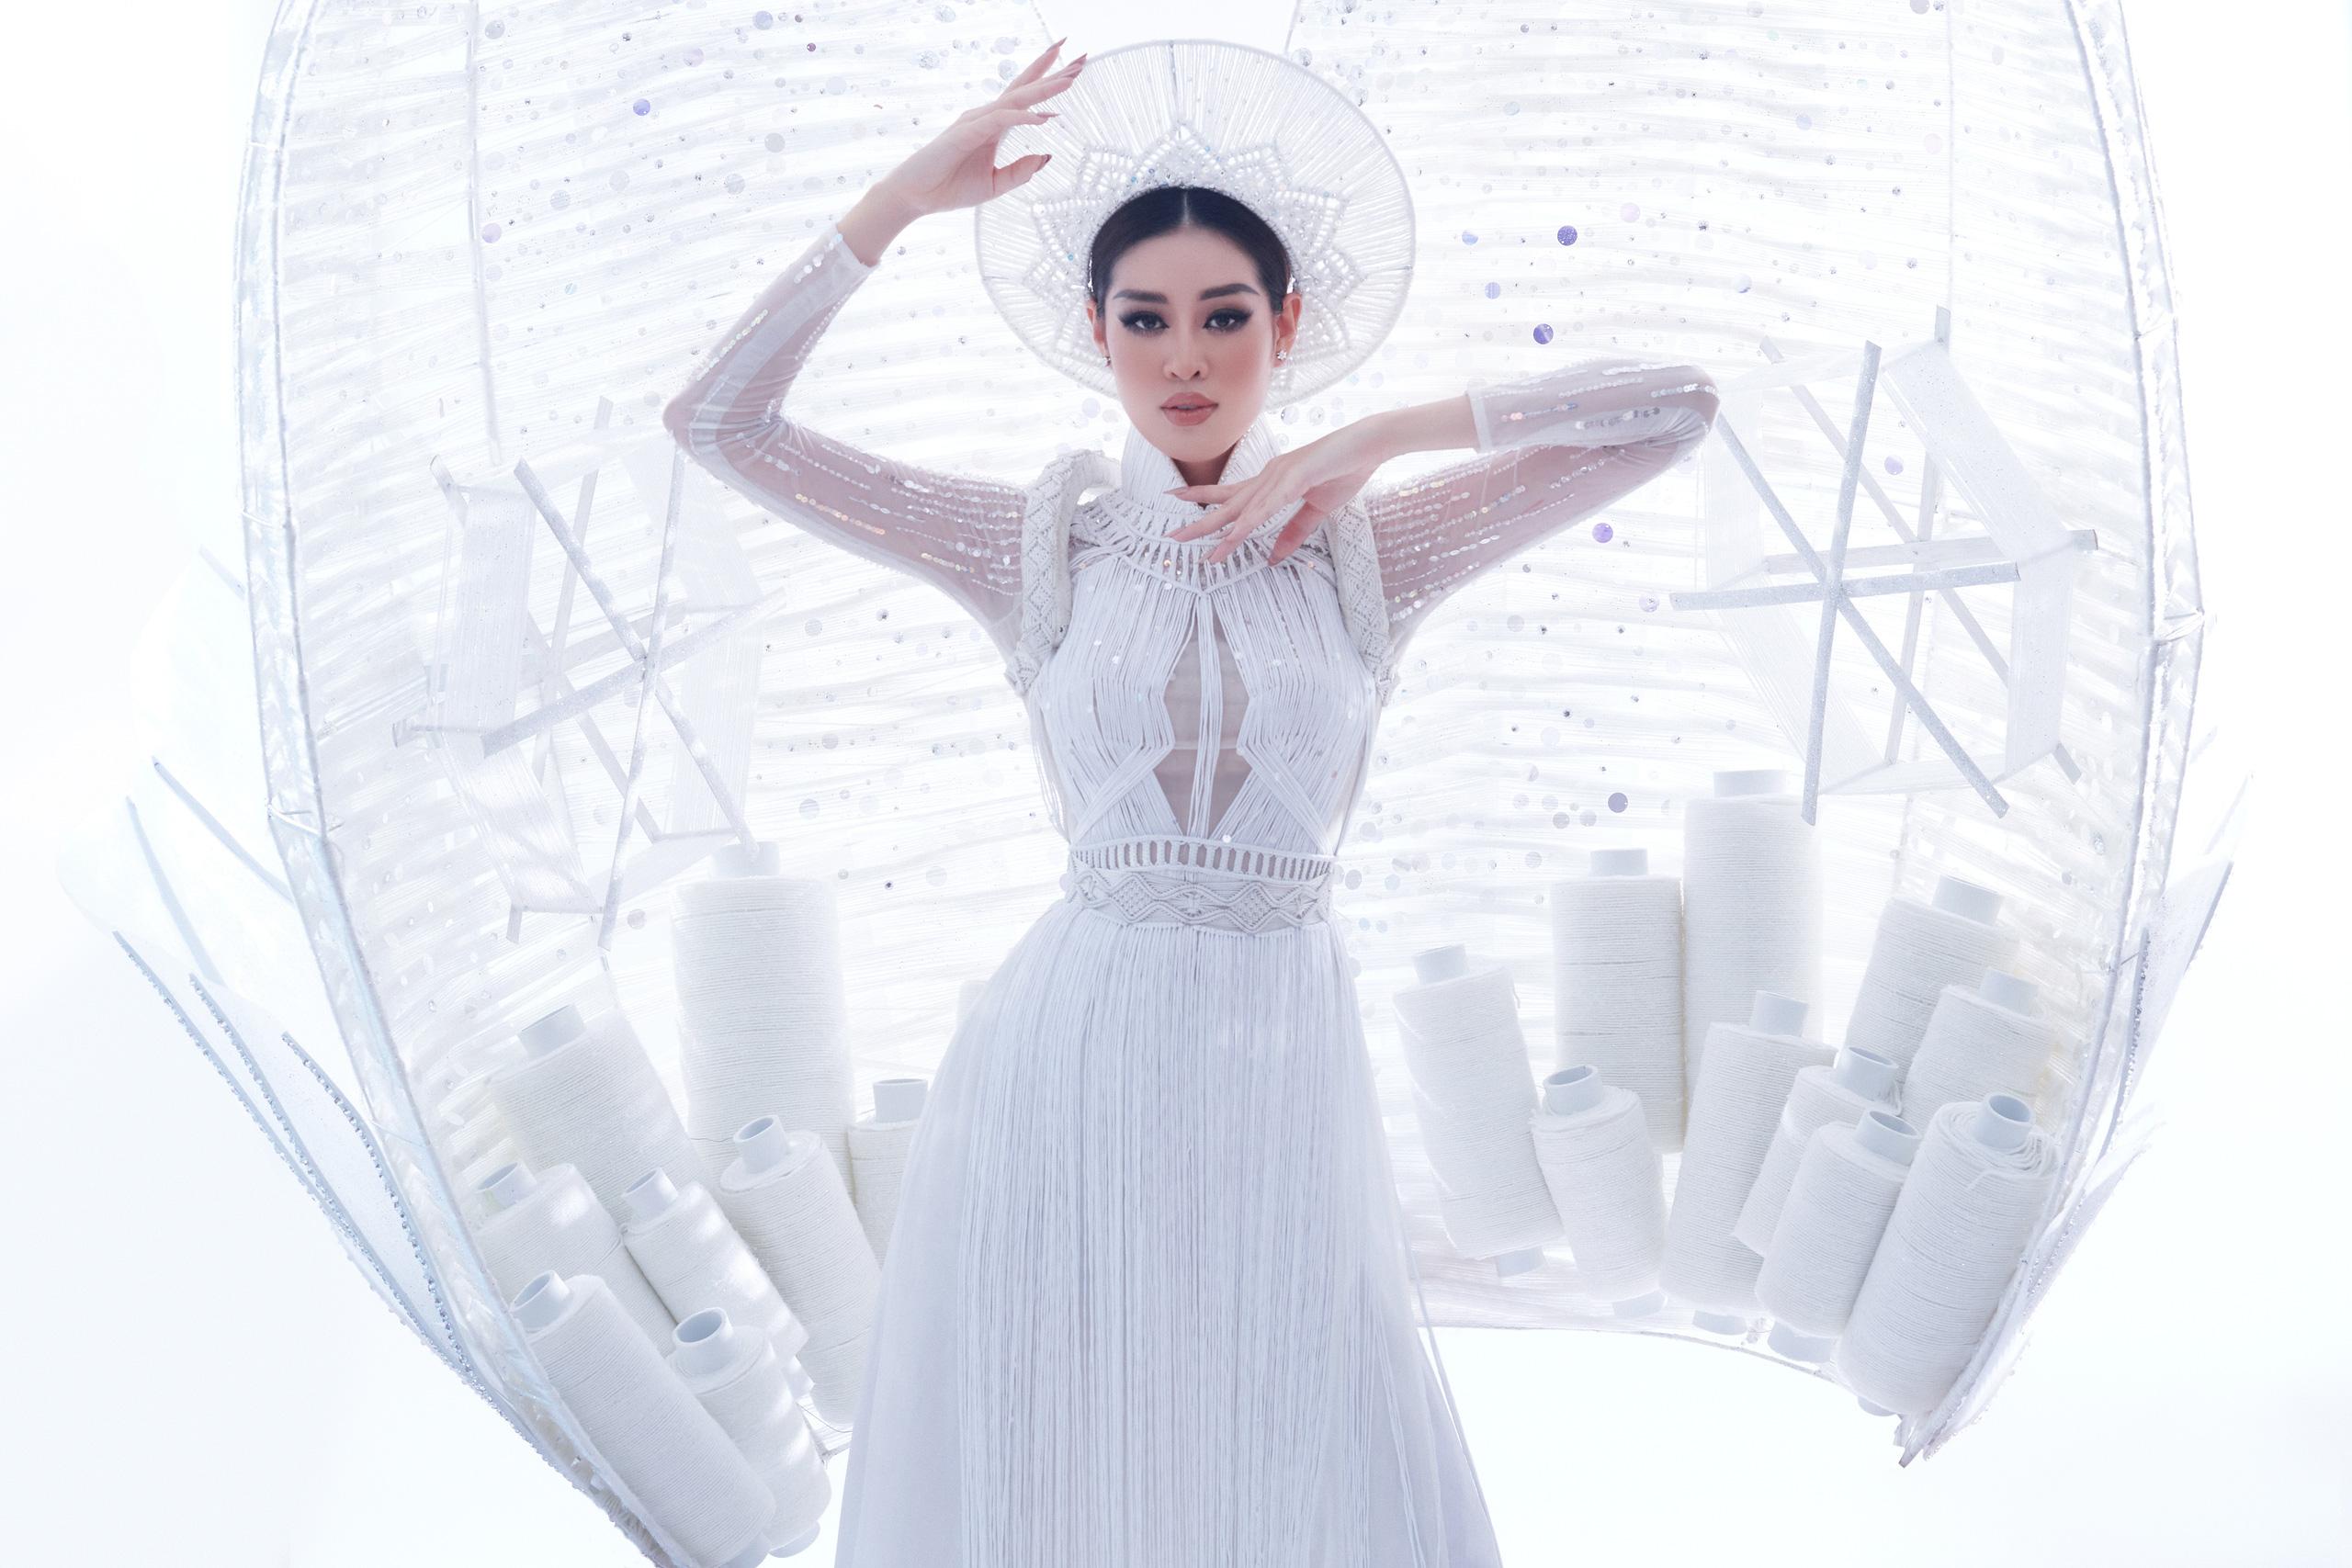 Khánh Vân xuất hiện theo cách chưa từng có tại Hoa hậu Hoàn vũ Thế giới khiến khán giả trầm trồ  - Ảnh 10.